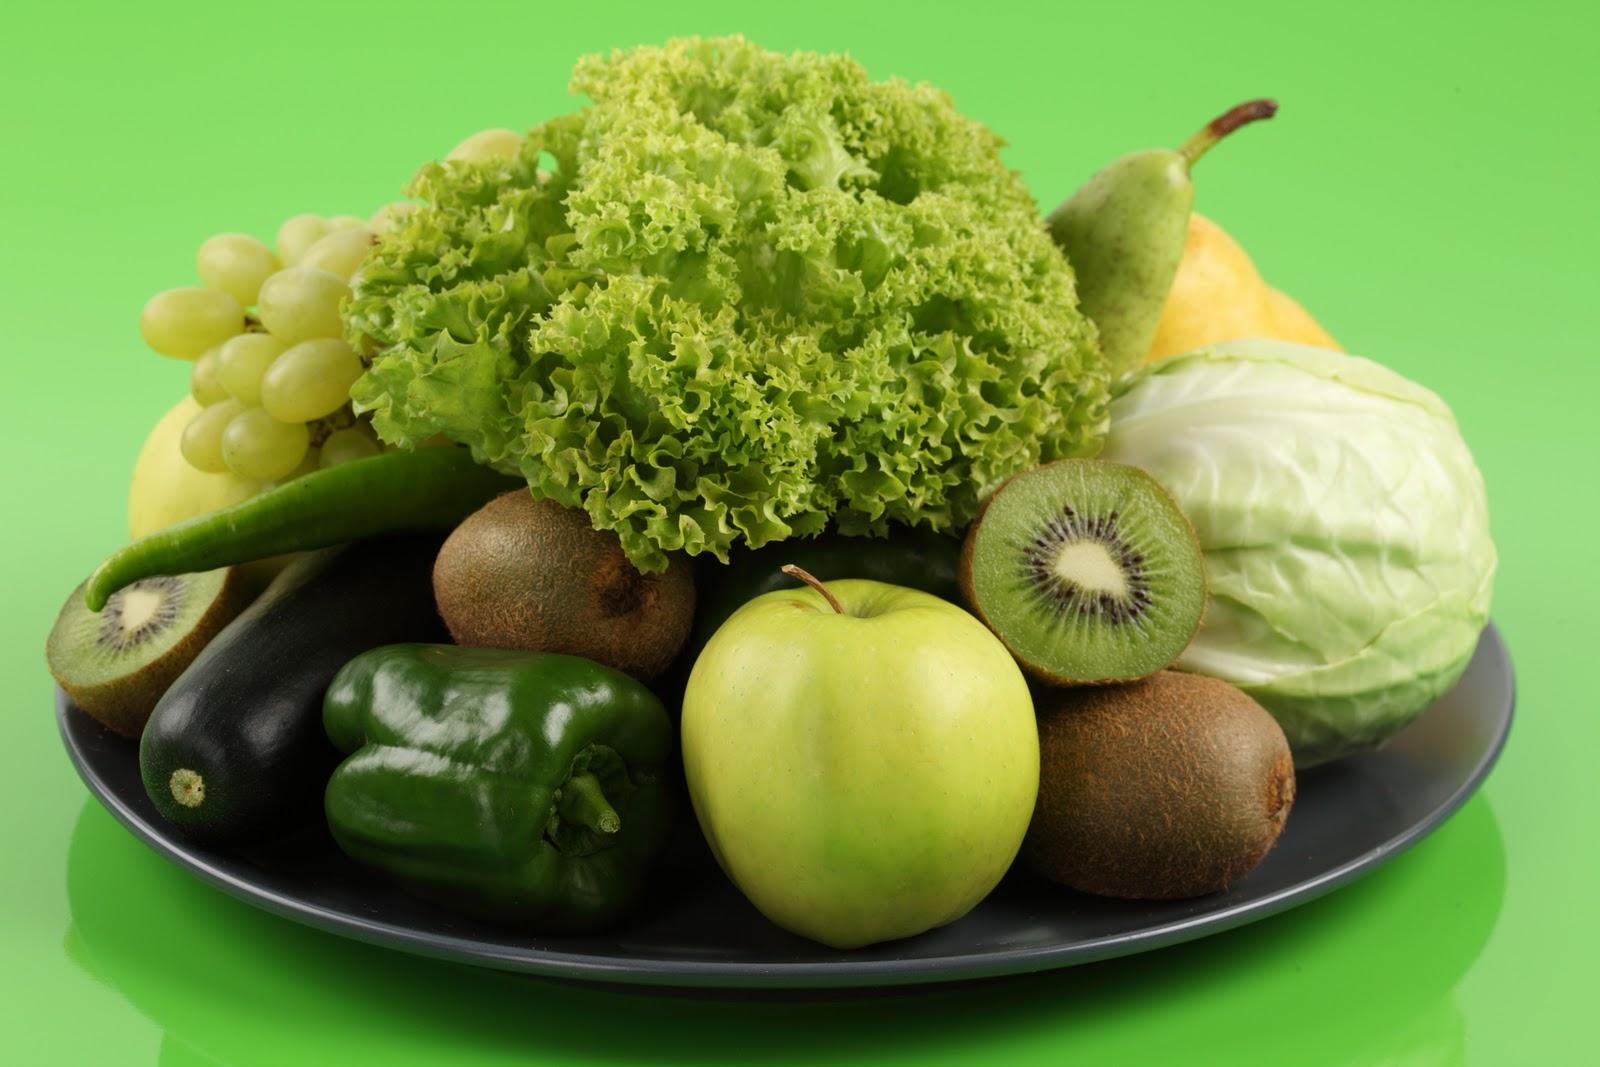 фото продуктов питания по одному